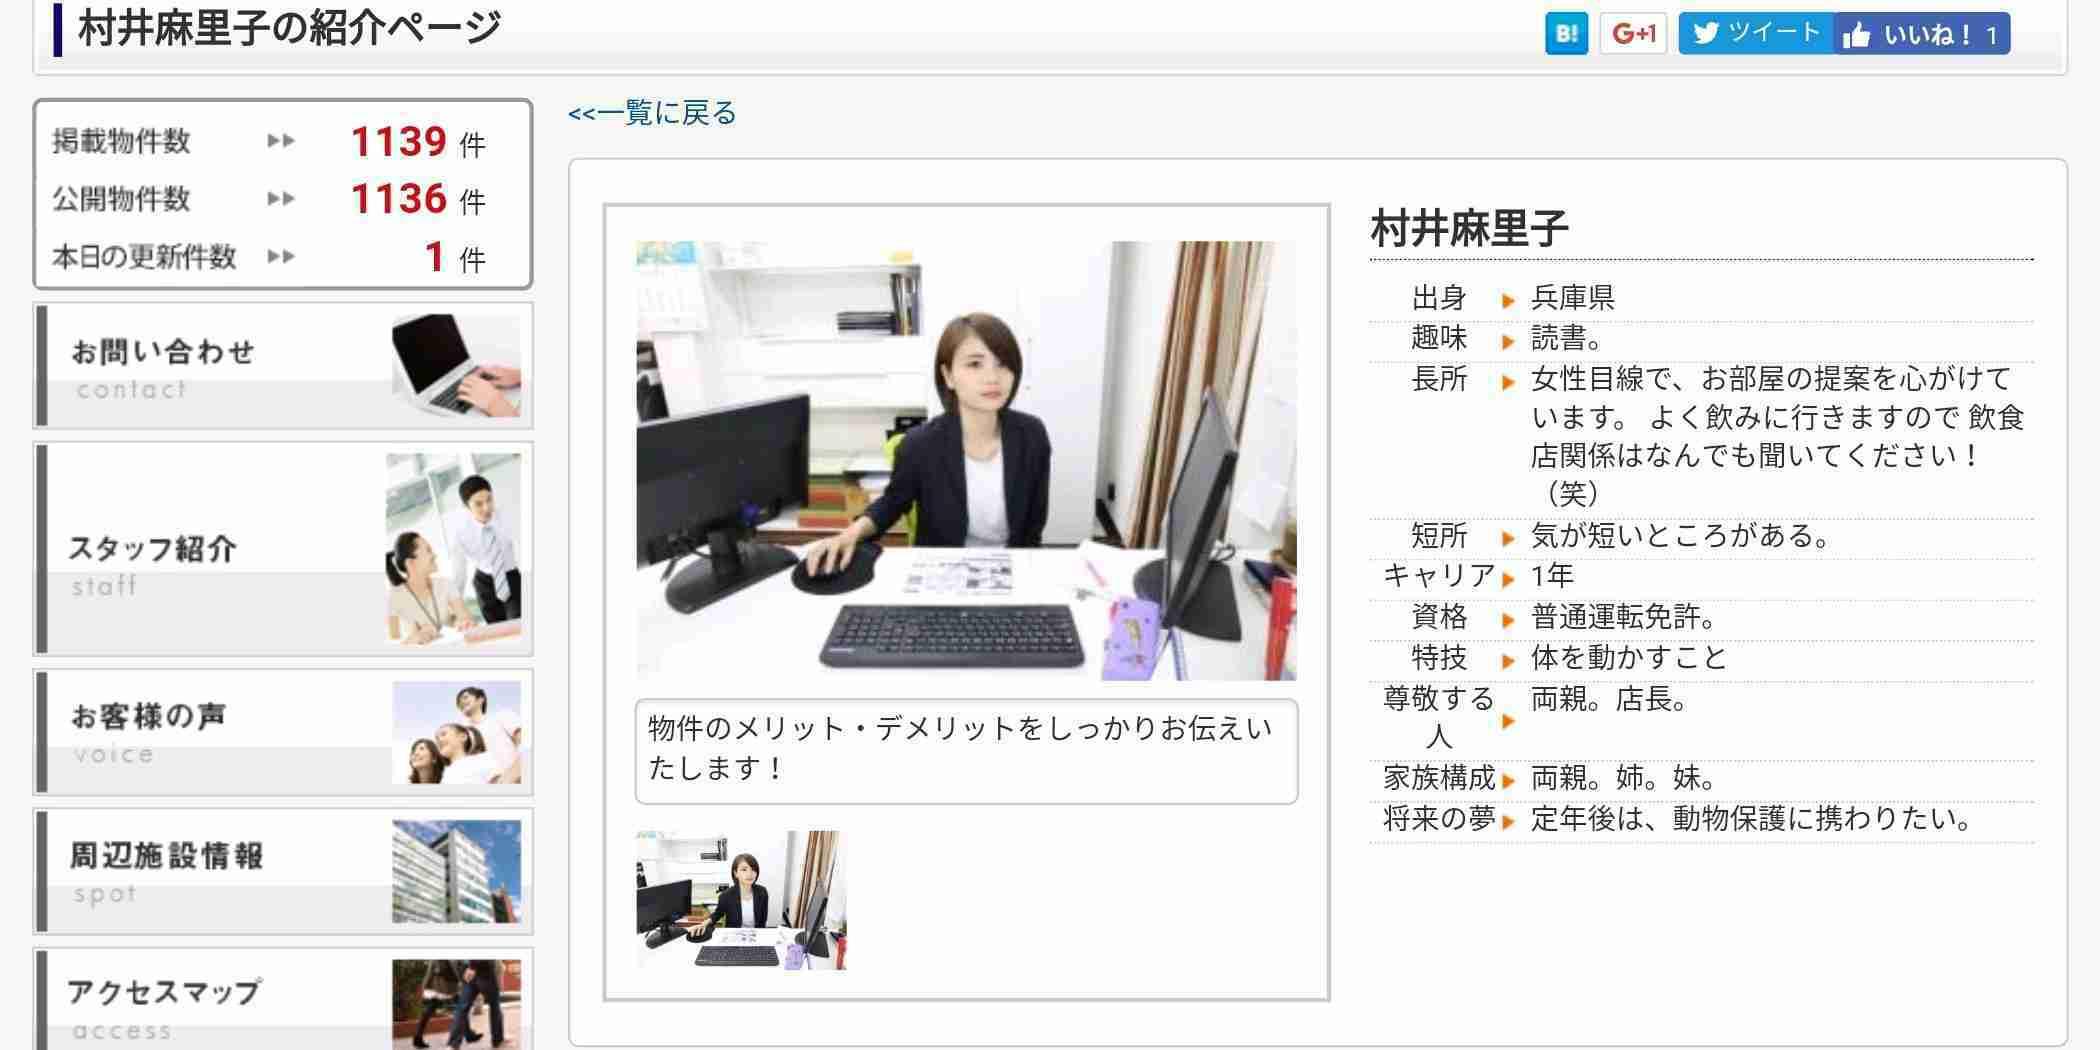 【アダルト注意】SUUMOの物件紹介動画に不適切トーク混入で不動産会社謝罪